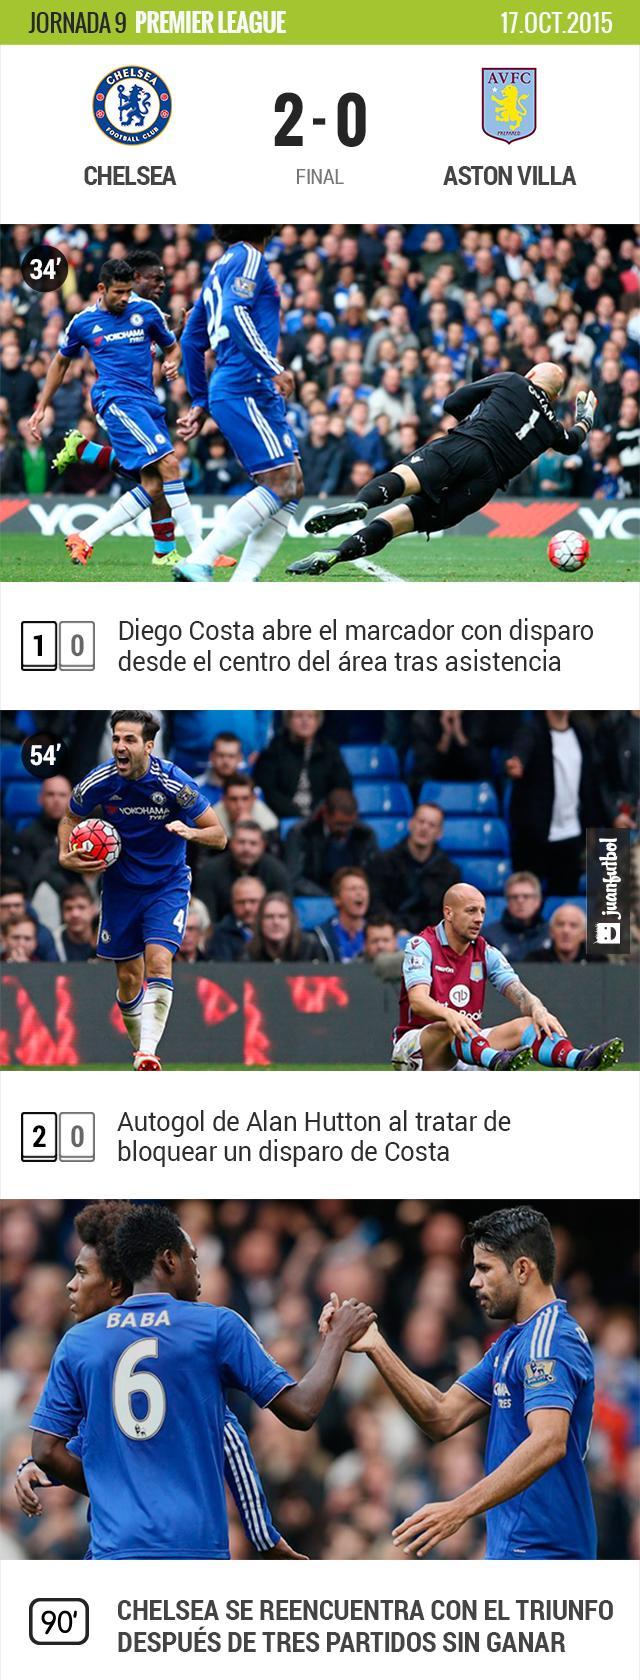 Chelsea gana al Aston Villa 2-0 en Stamford Bridge